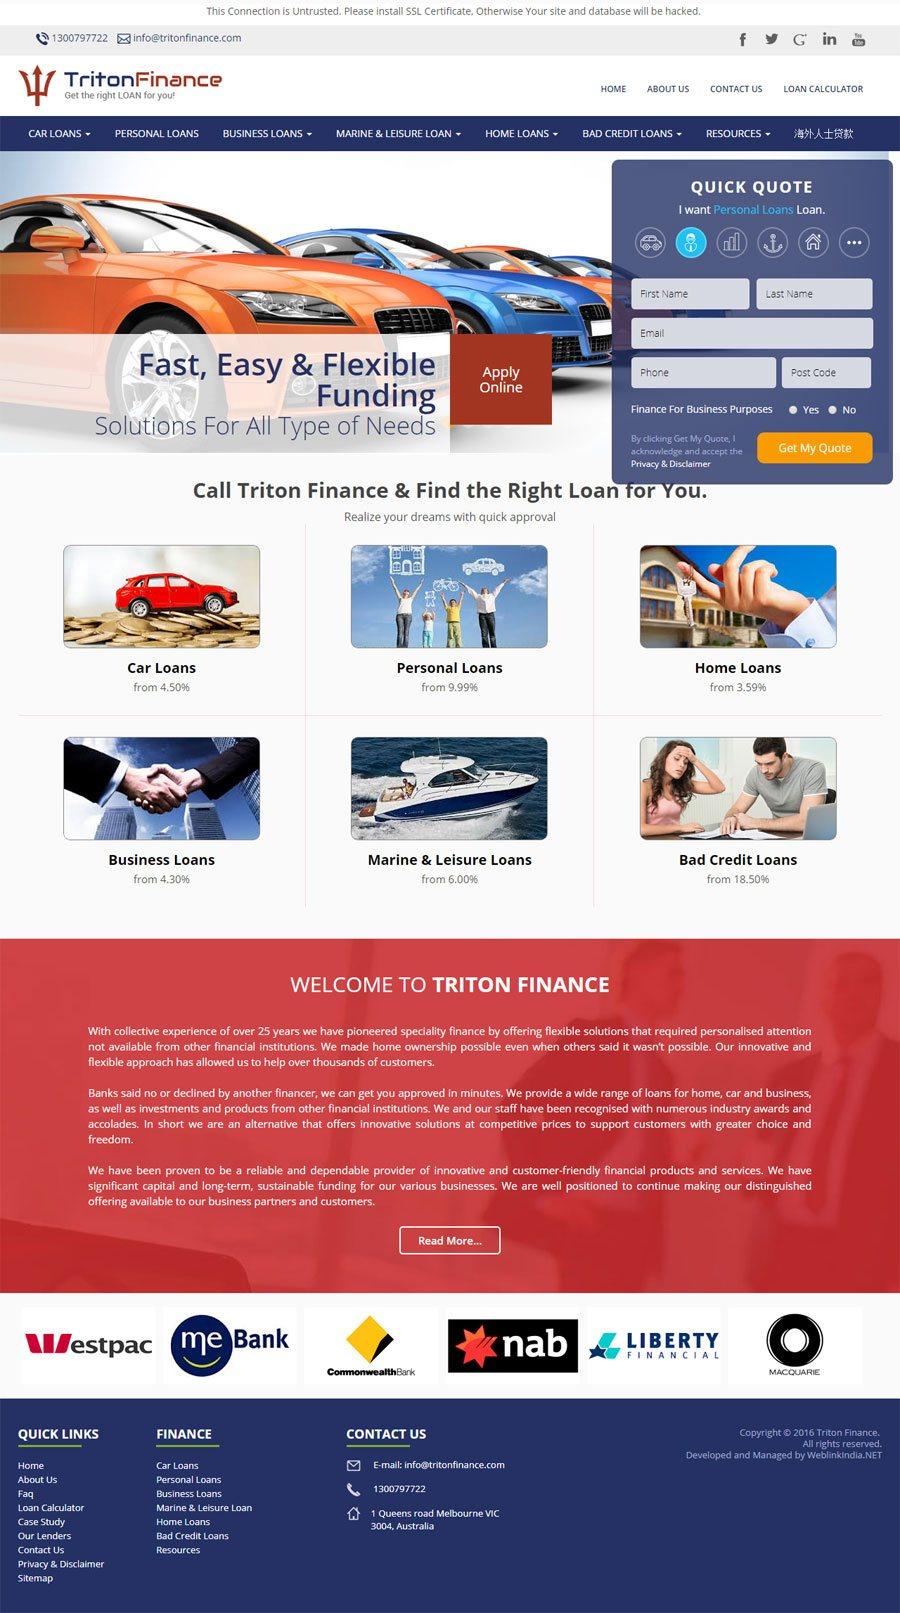 Triton Finance Australia Web Design